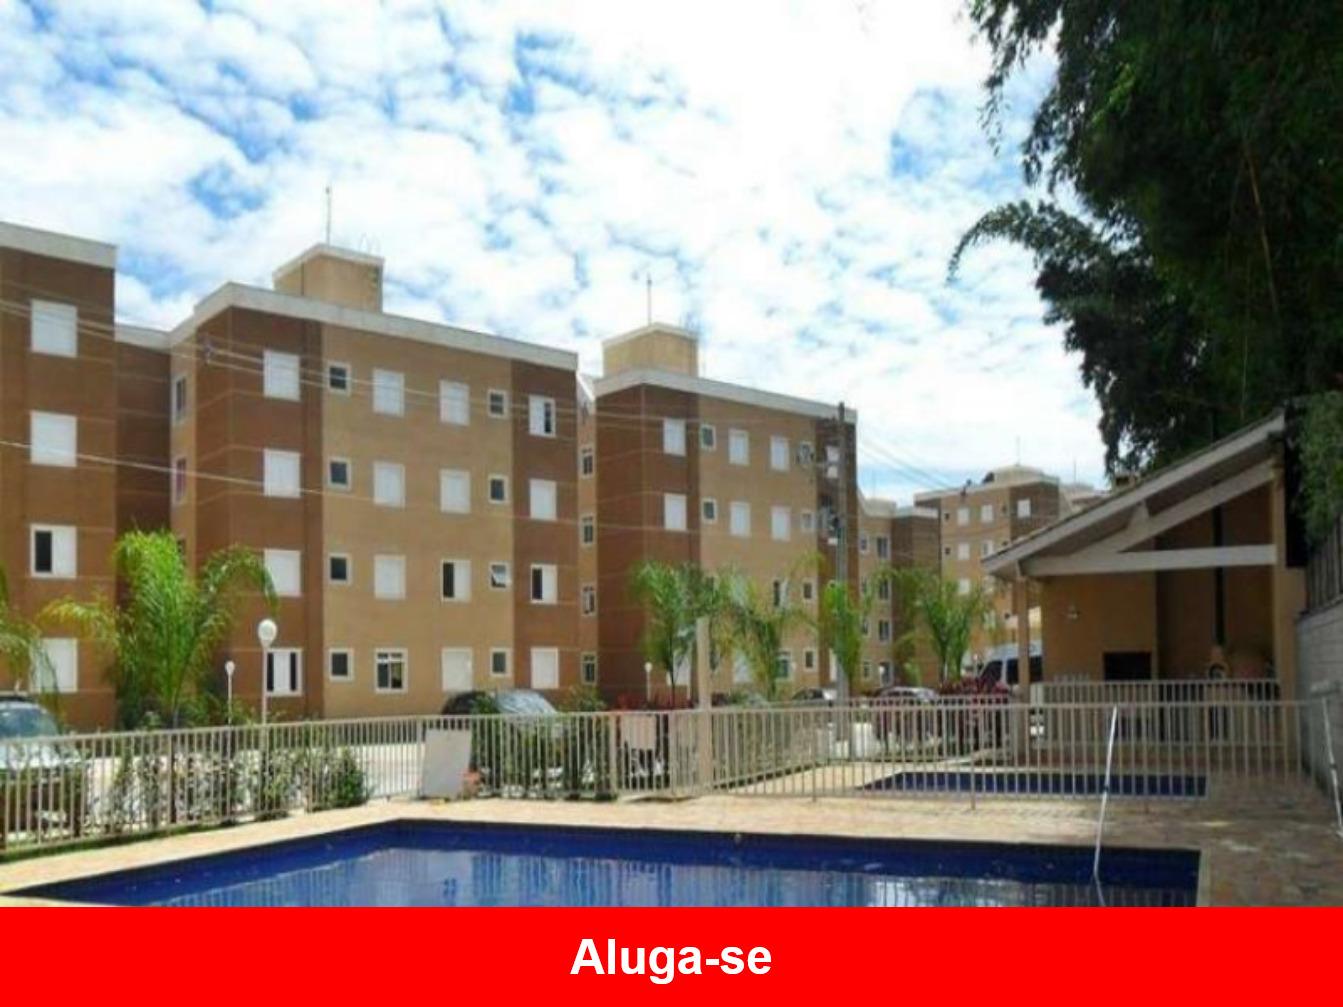 Aluga-se apartamento no Spazio Della Vitta, Sorocaba - SP